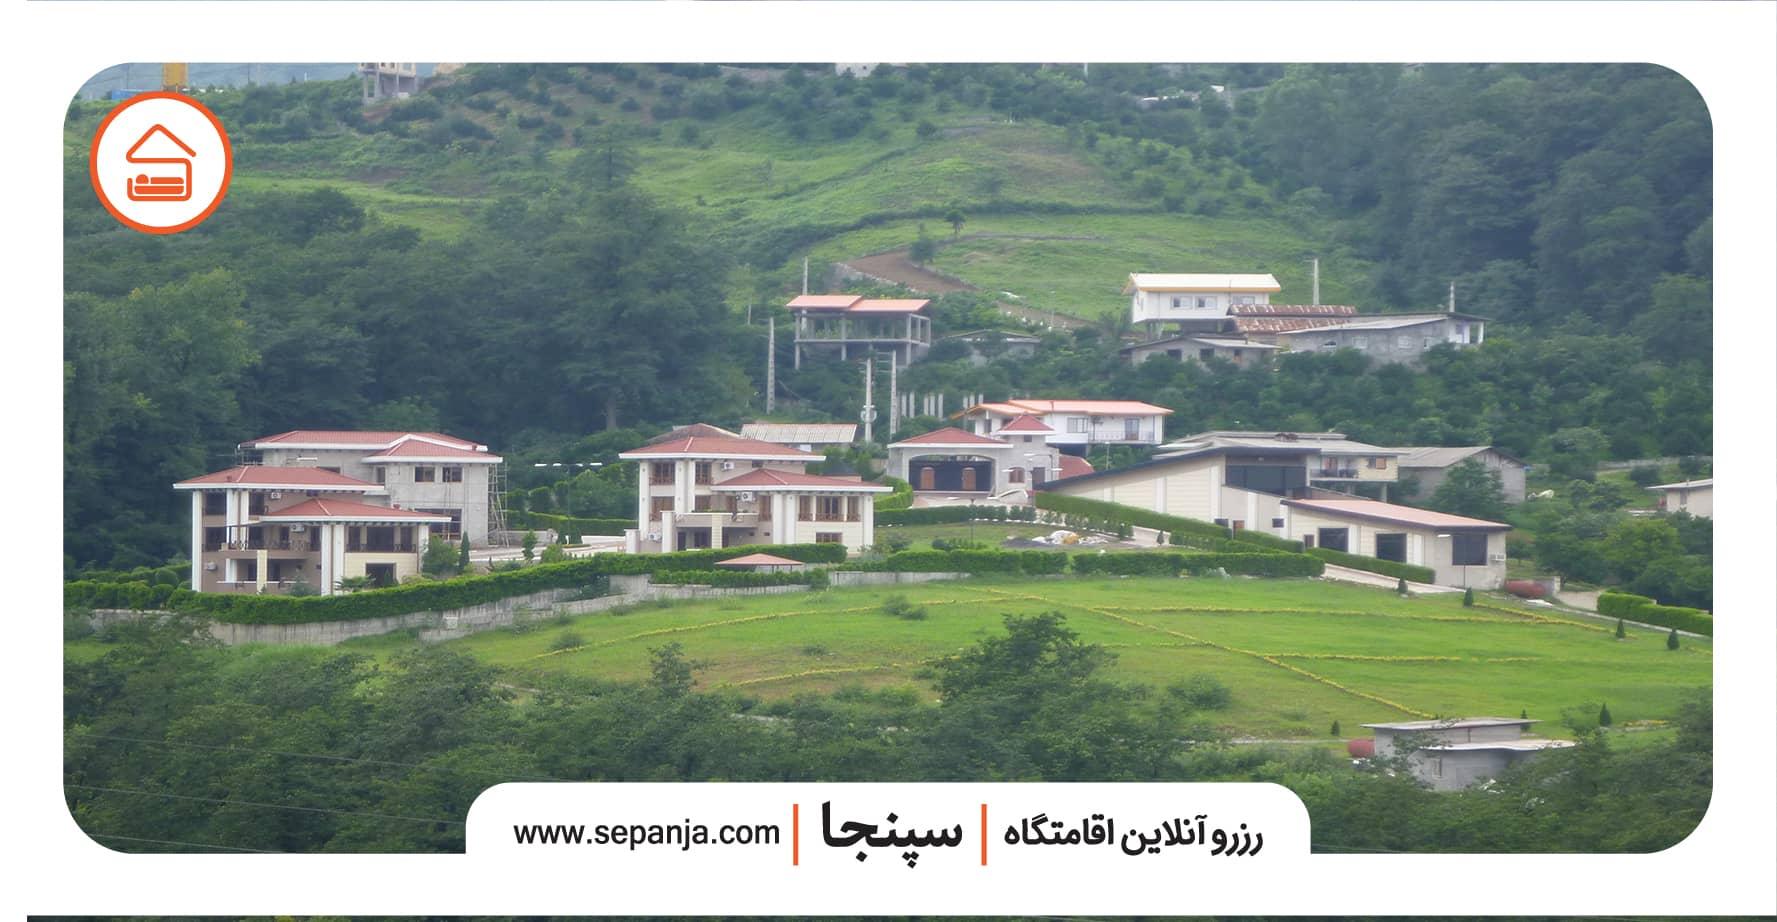 ییلاقات نشتارود از جذاب ترین دیدنی های استان مازندران